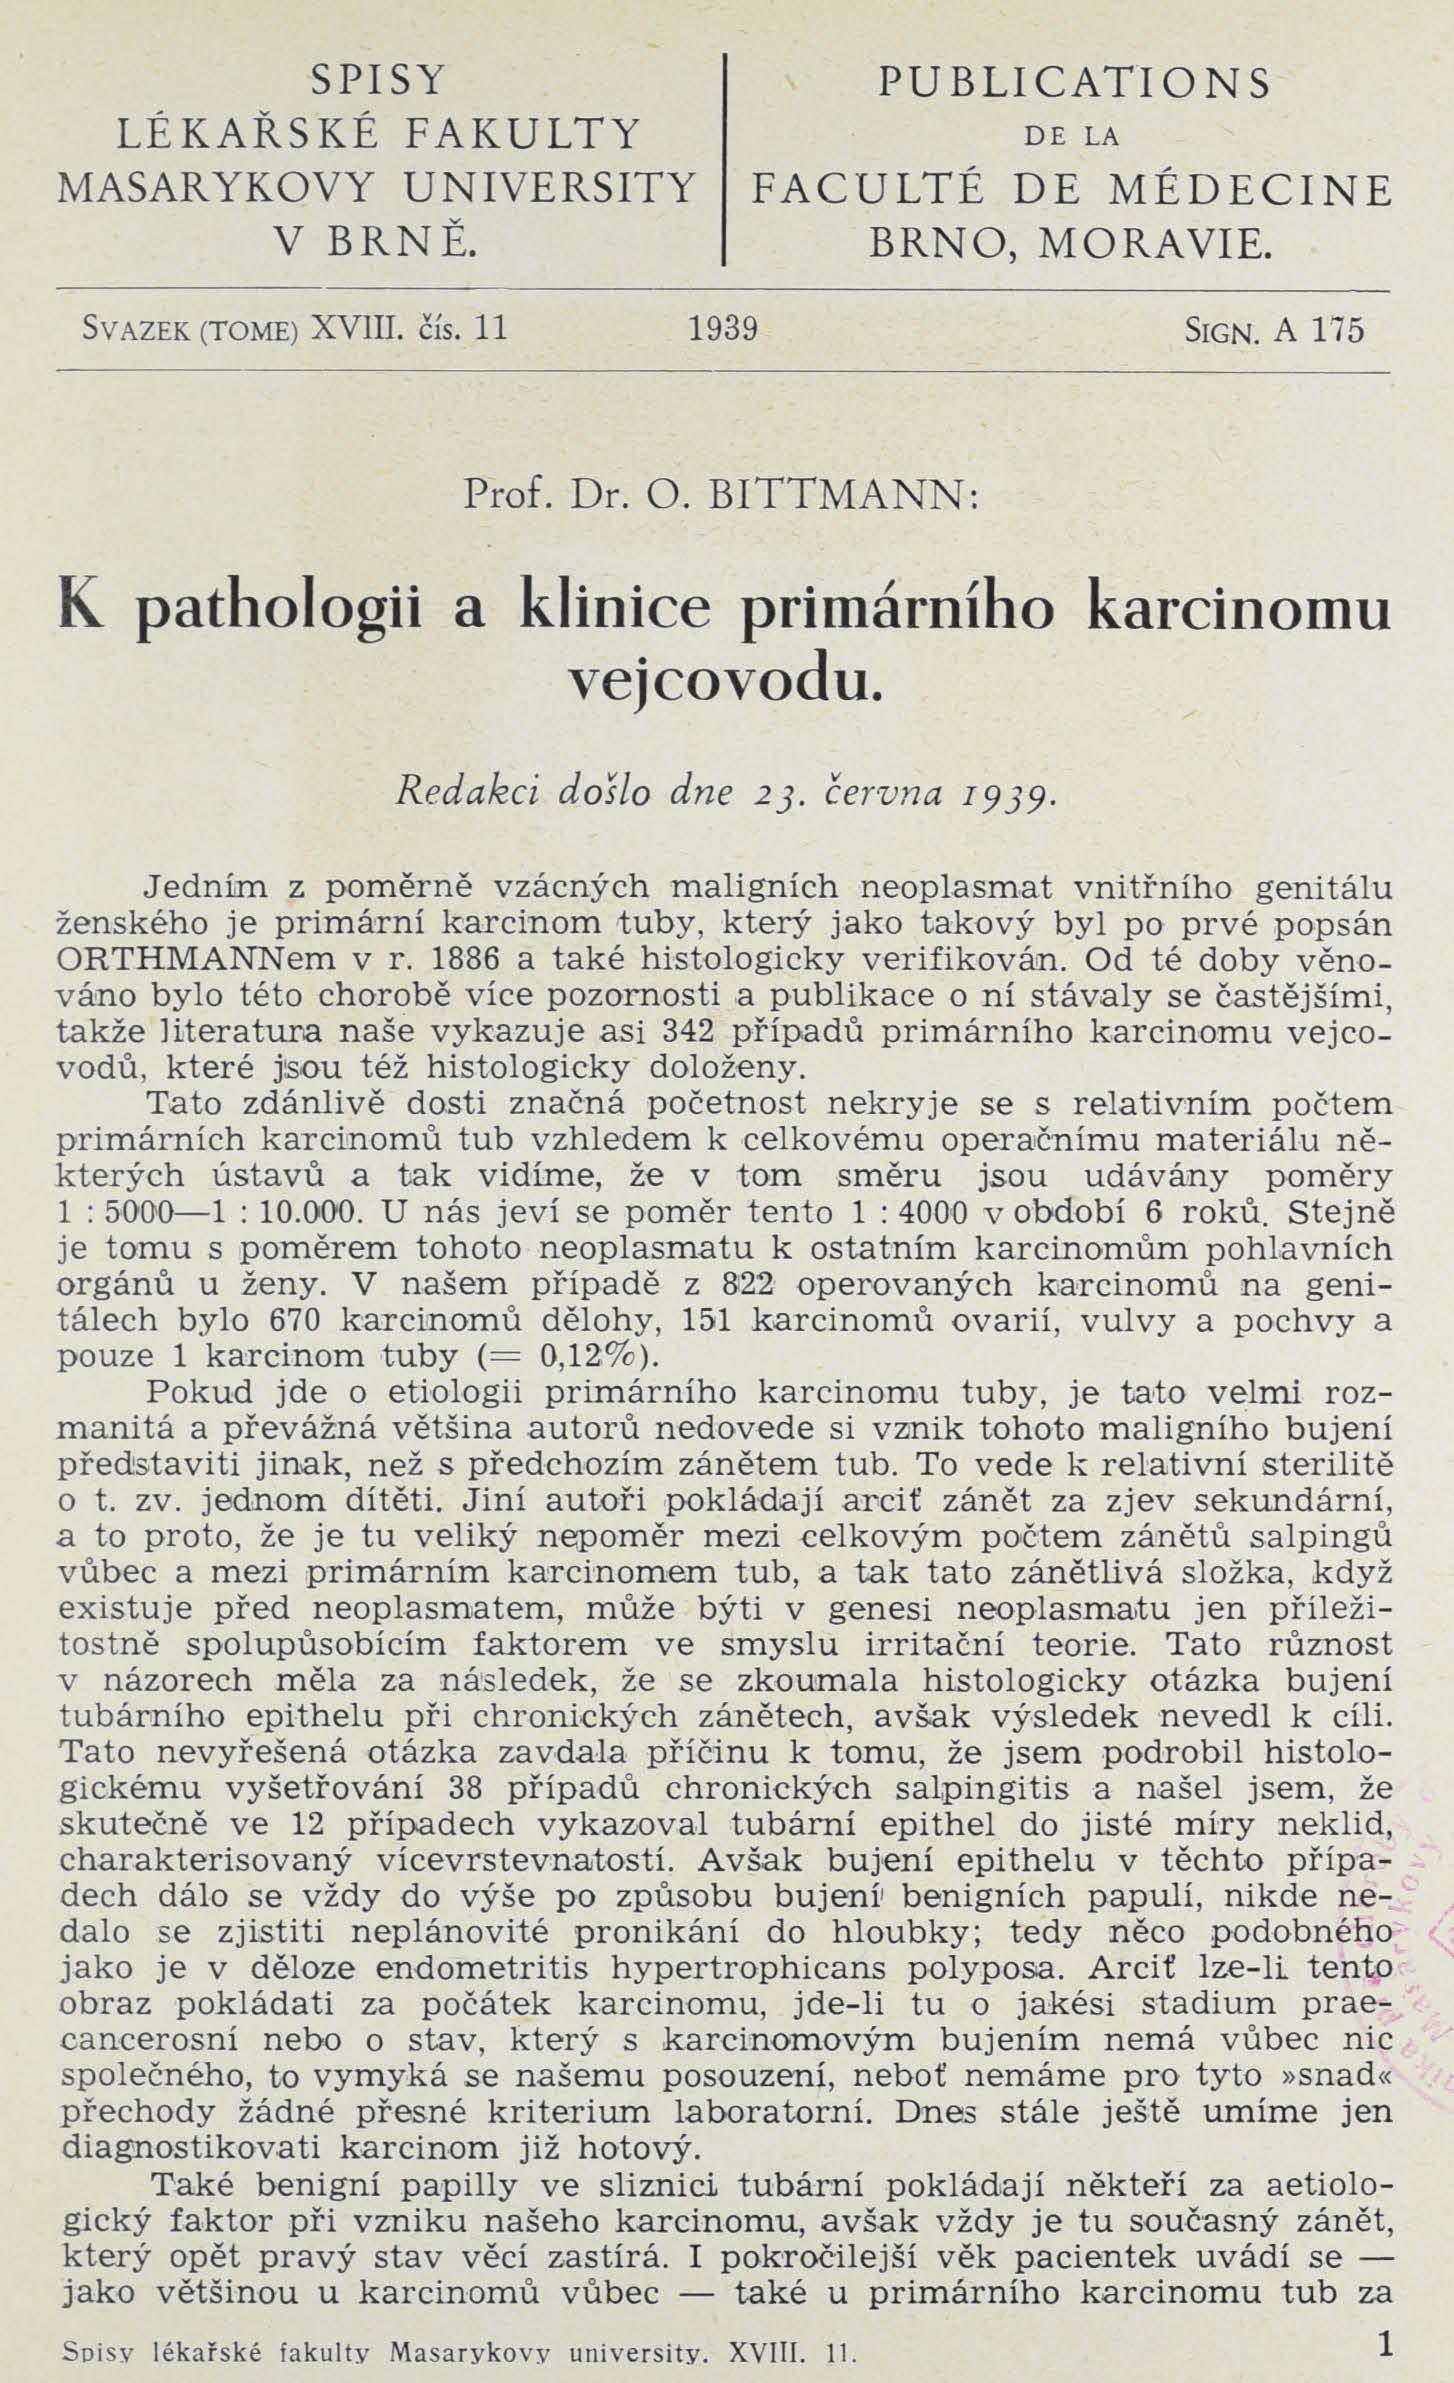 Obálka pro K pathologii a klinice primárního karcinomu vejcovodu / Sur la pathologie et la clinique du carcinome primaire de la trompe